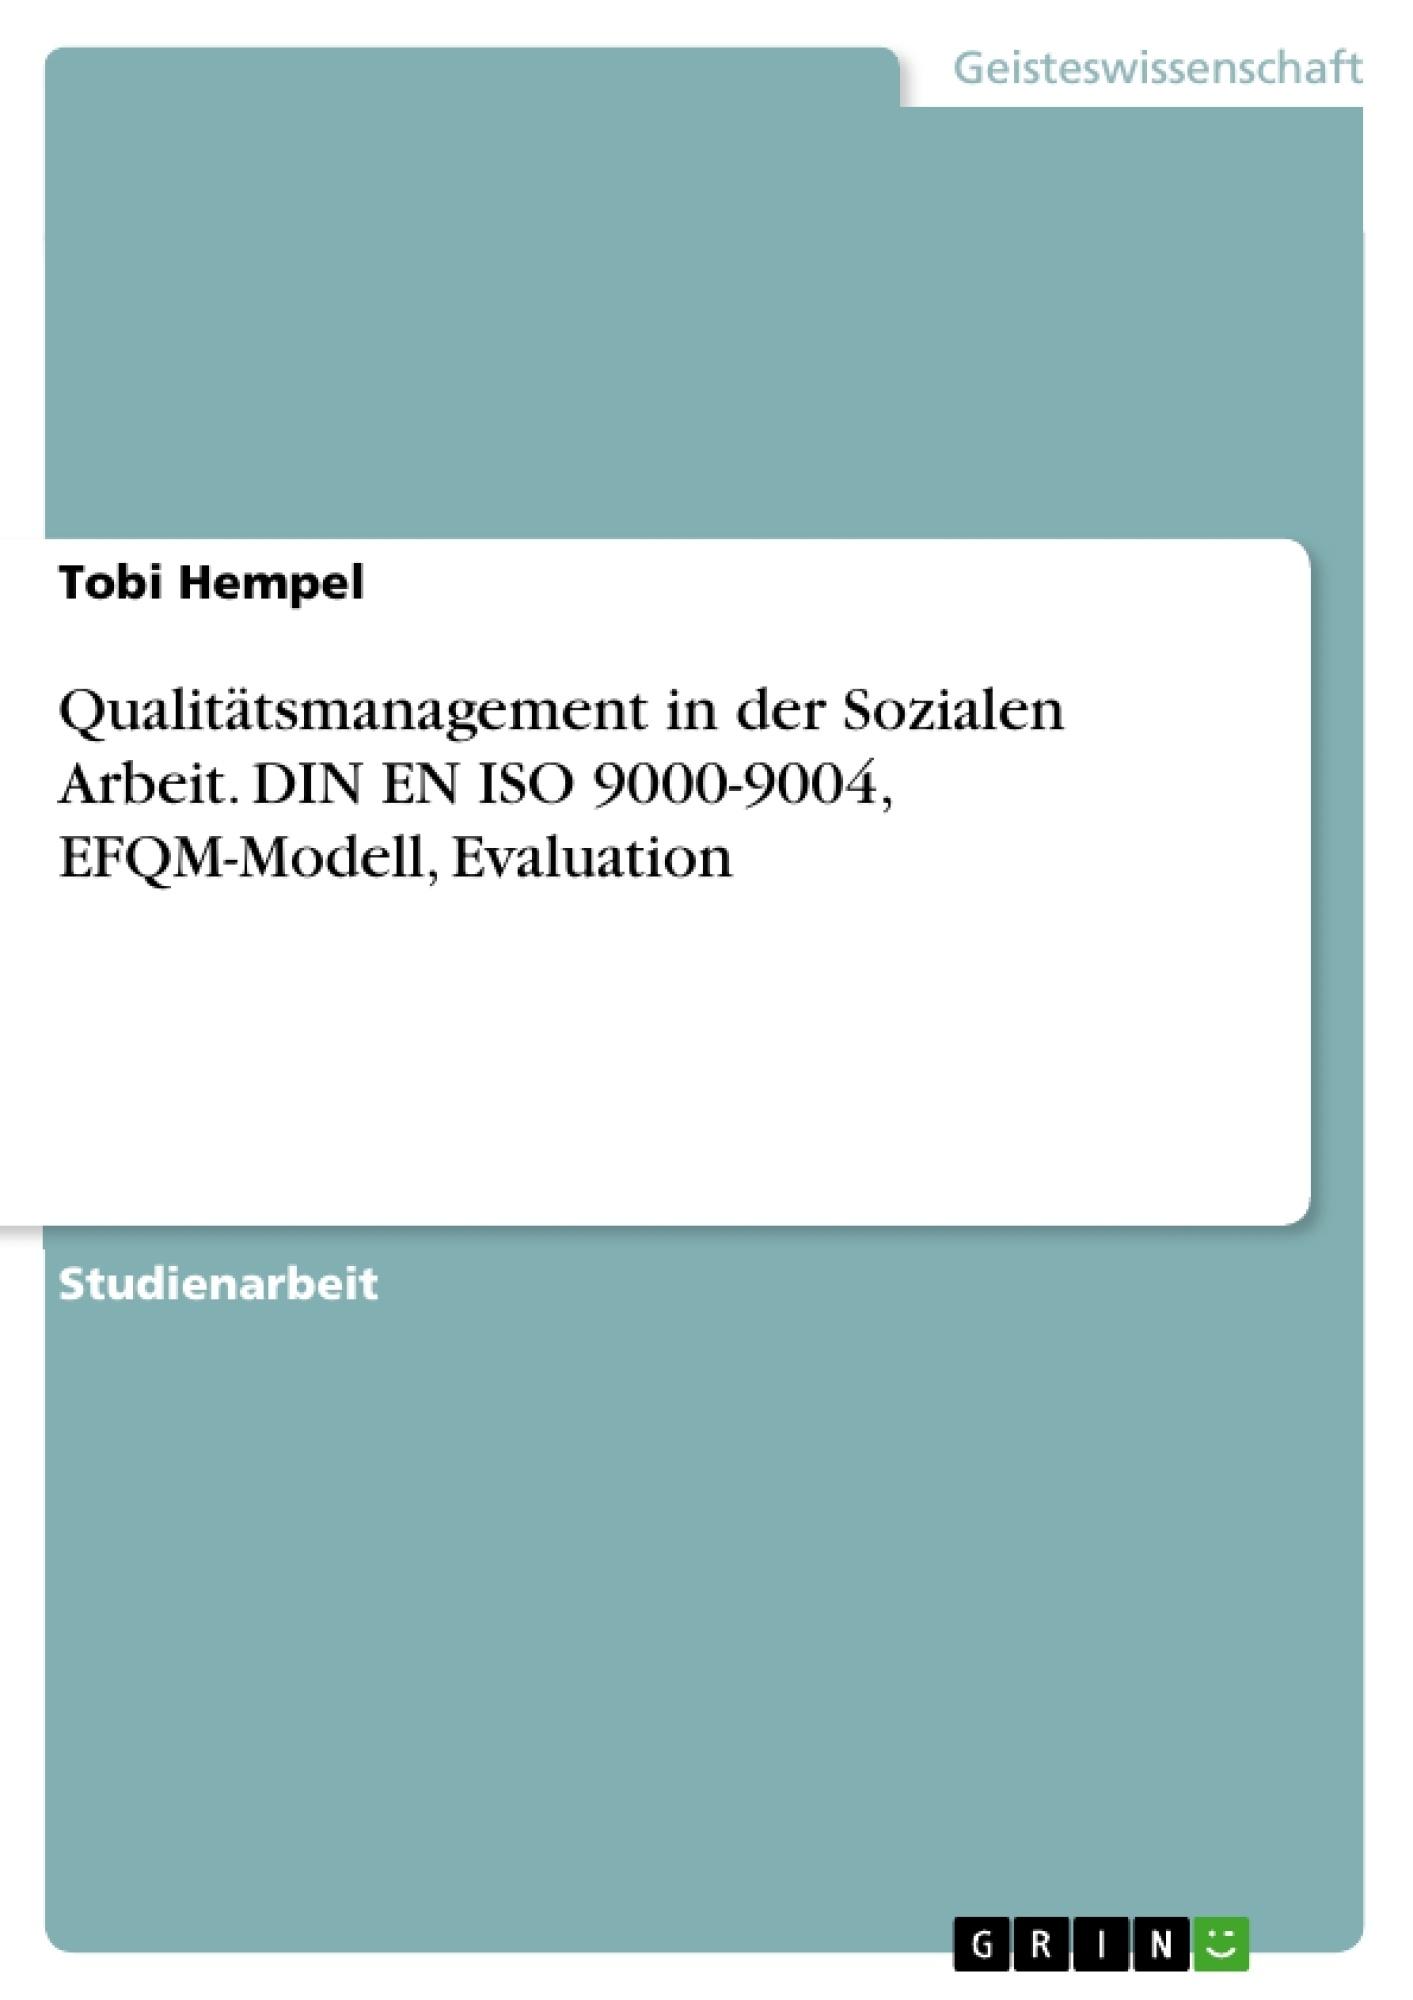 Titel: Qualitätsmanagement in der Sozialen Arbeit. DIN EN ISO 9000-9004, EFQM-Modell, Evaluation